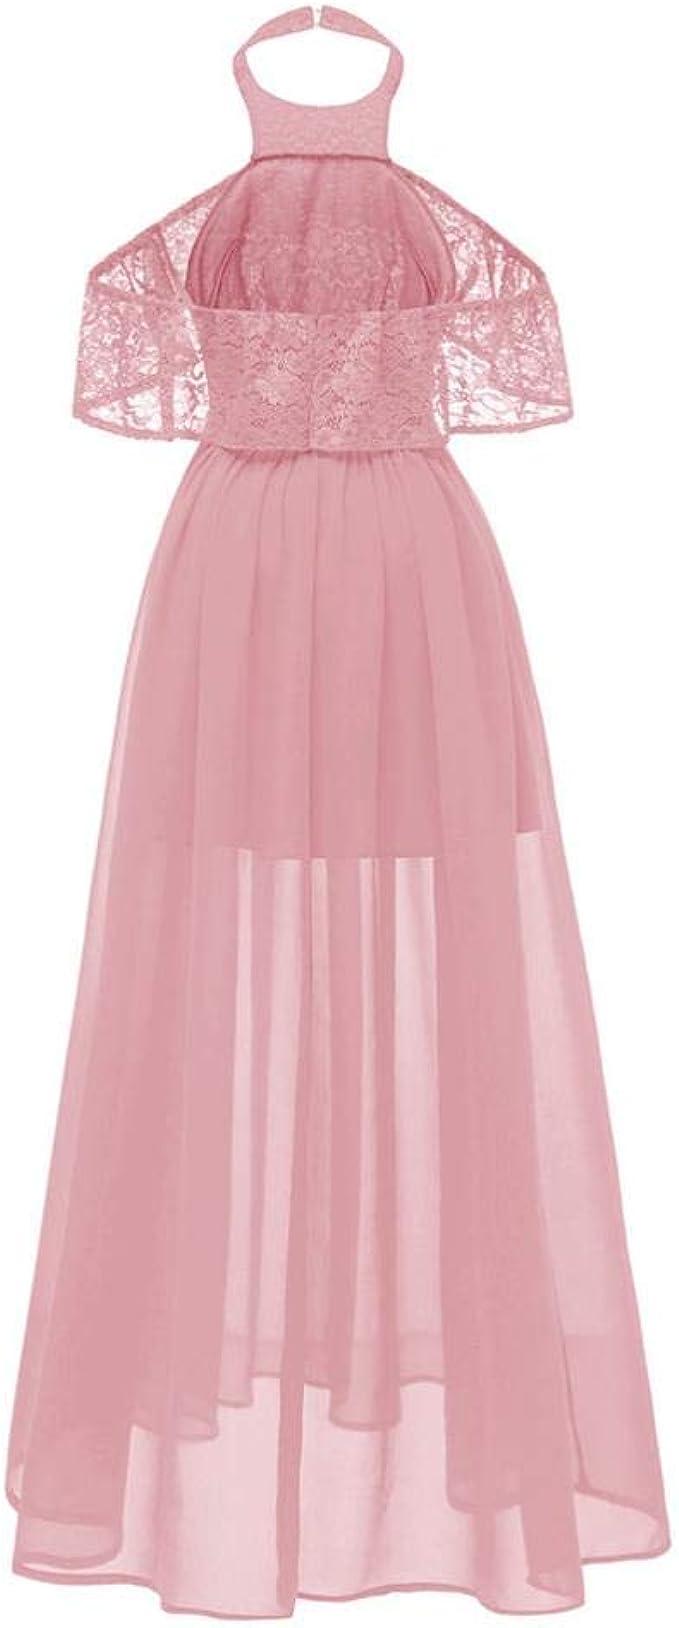 Elegante Abendkleider MEIbax Damen Cocktail Ausschnitt Spitzenkleid  Prinzessin Party A-line Swing Kleid Vintage Abendkleider Lang Kleider